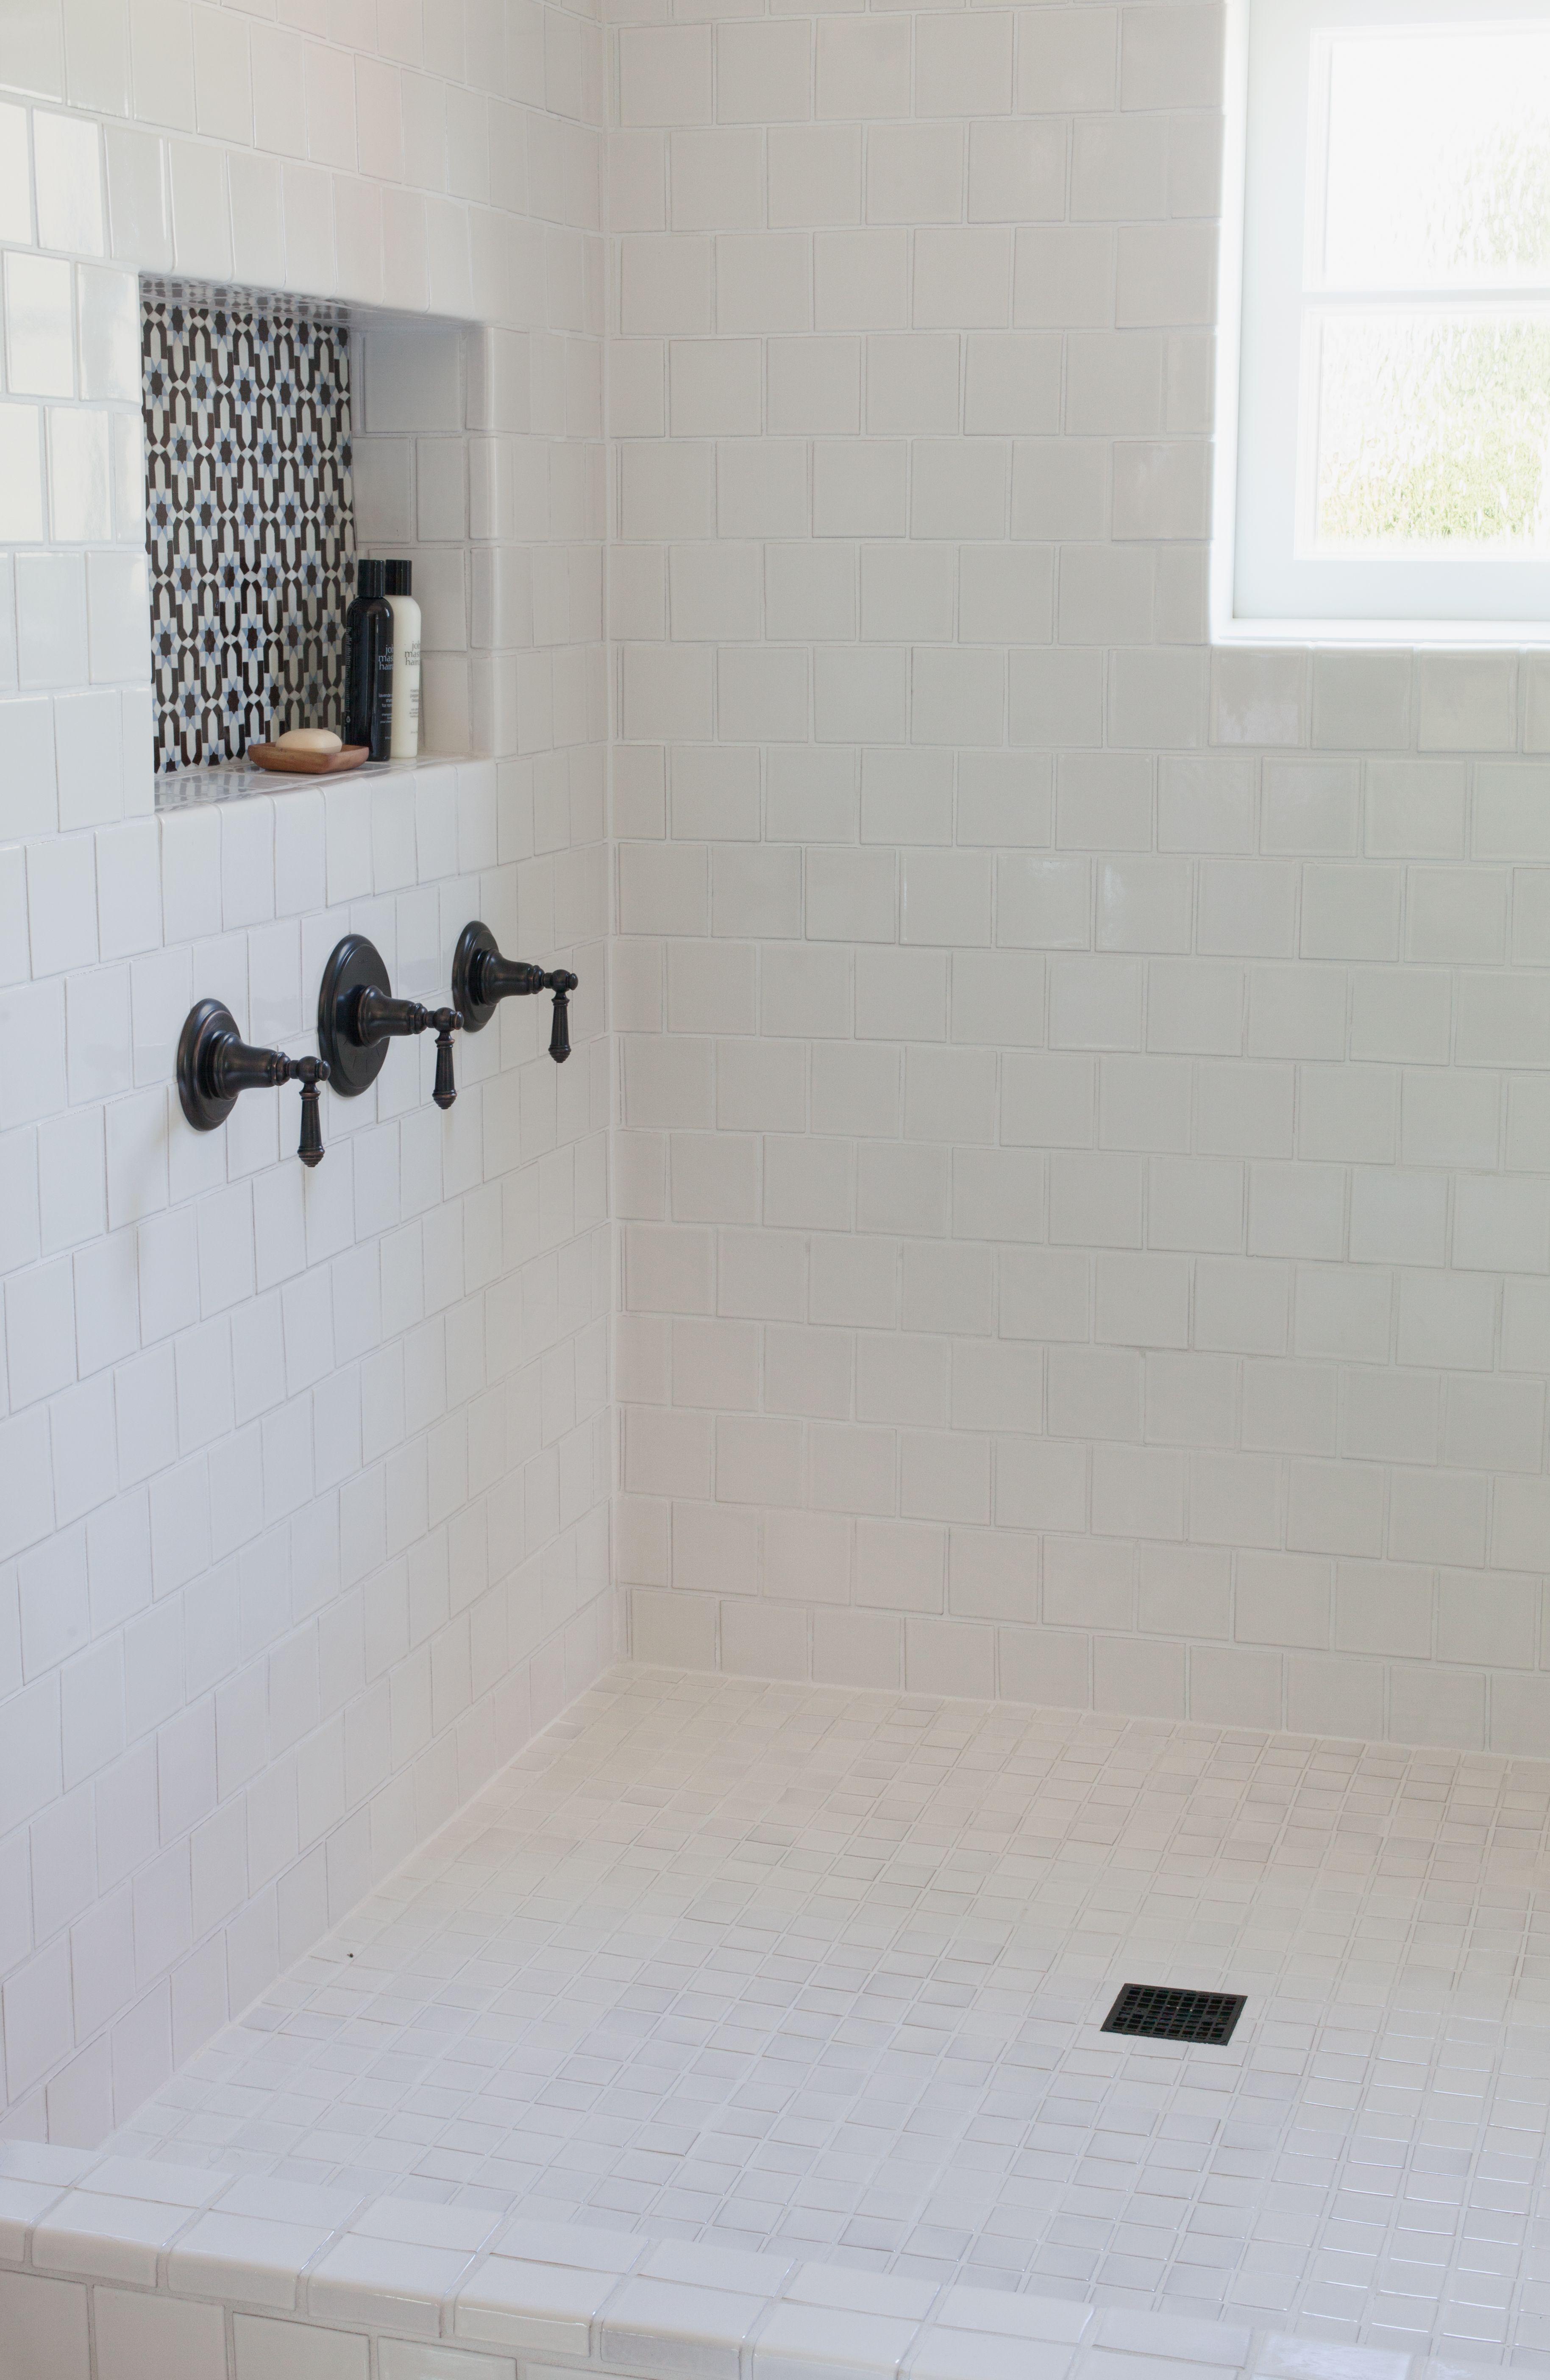 5 Tile Trends For 2016 Shower Shelves Bathrooms Remodel